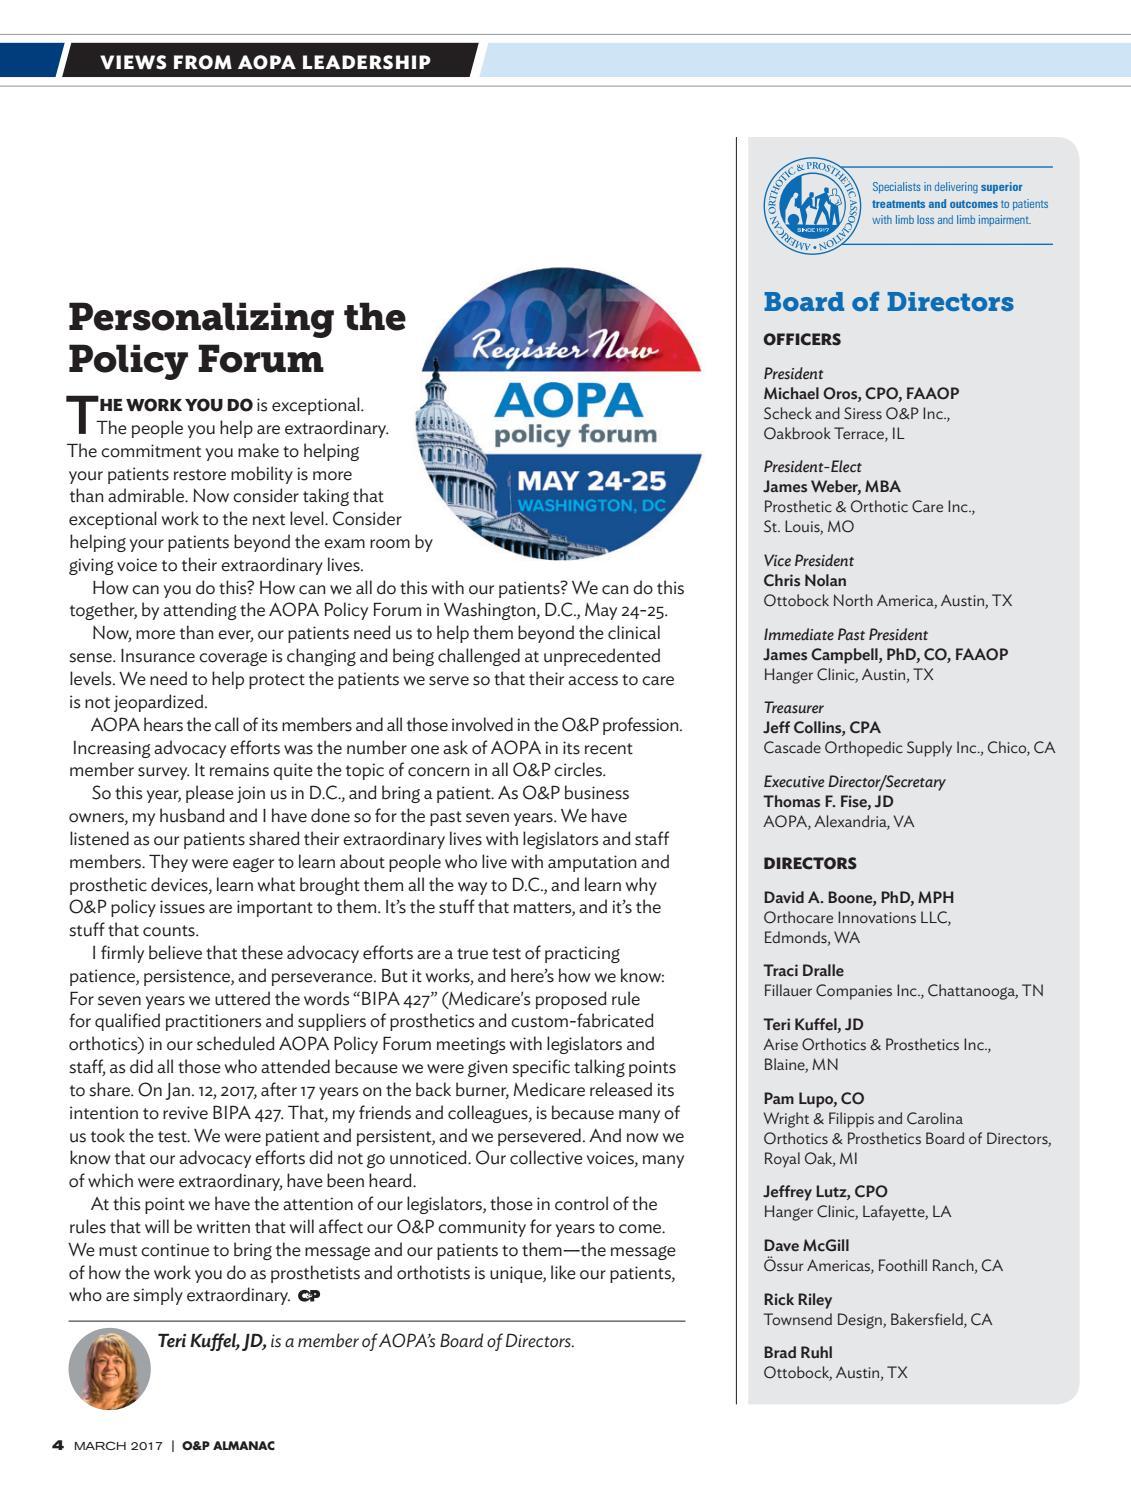 March 2017 O&P Almanac by AOPA - issuu